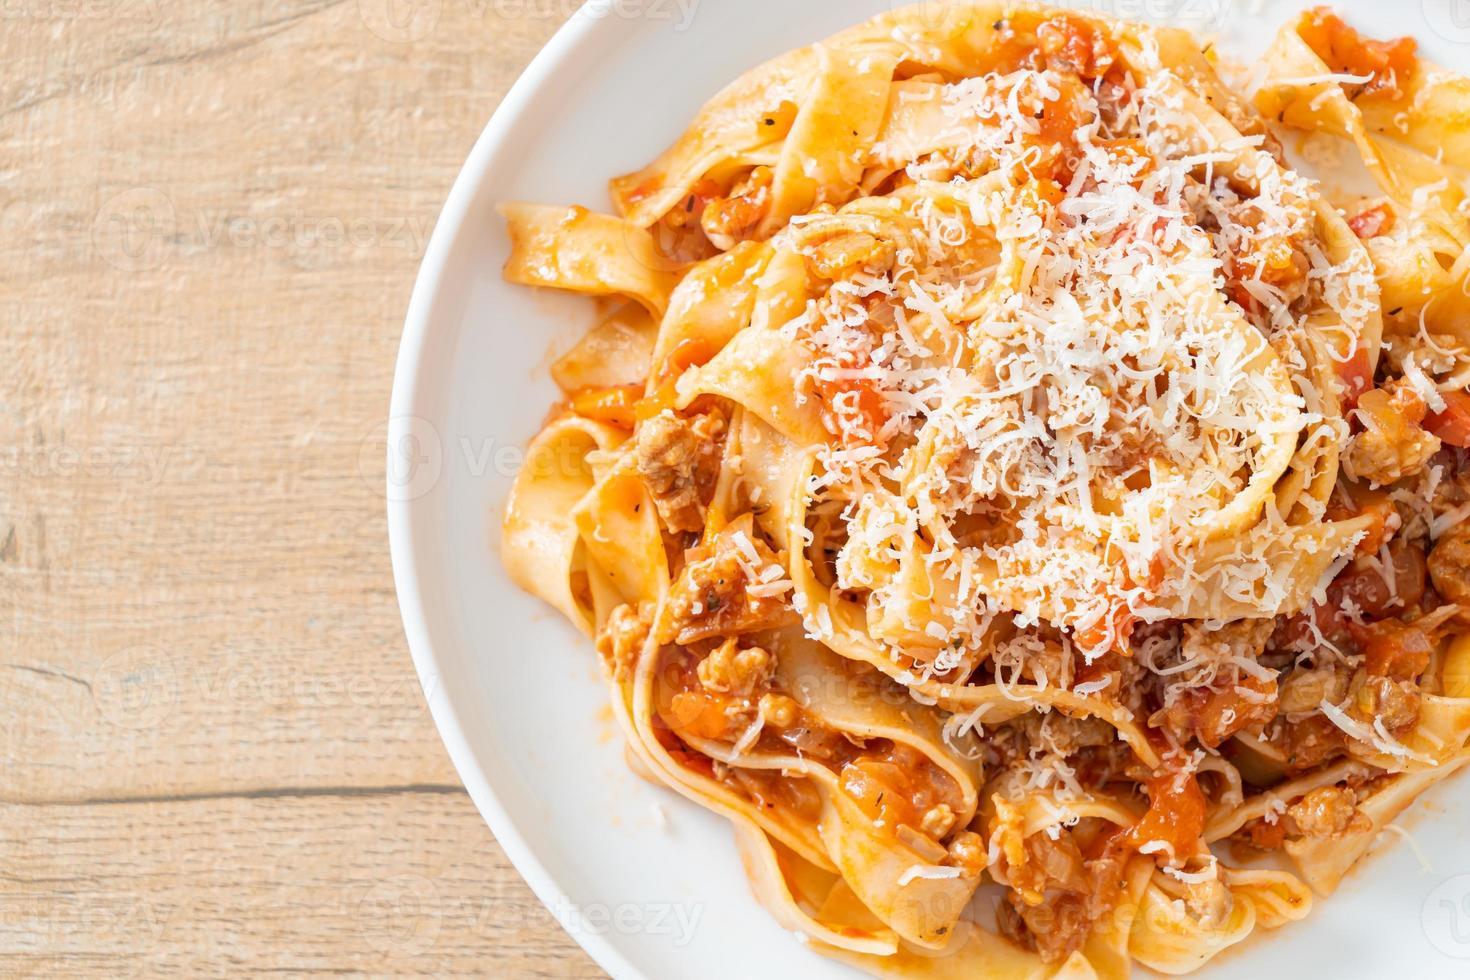 Fettuccine de pasta casera a la boloñesa con queso foto